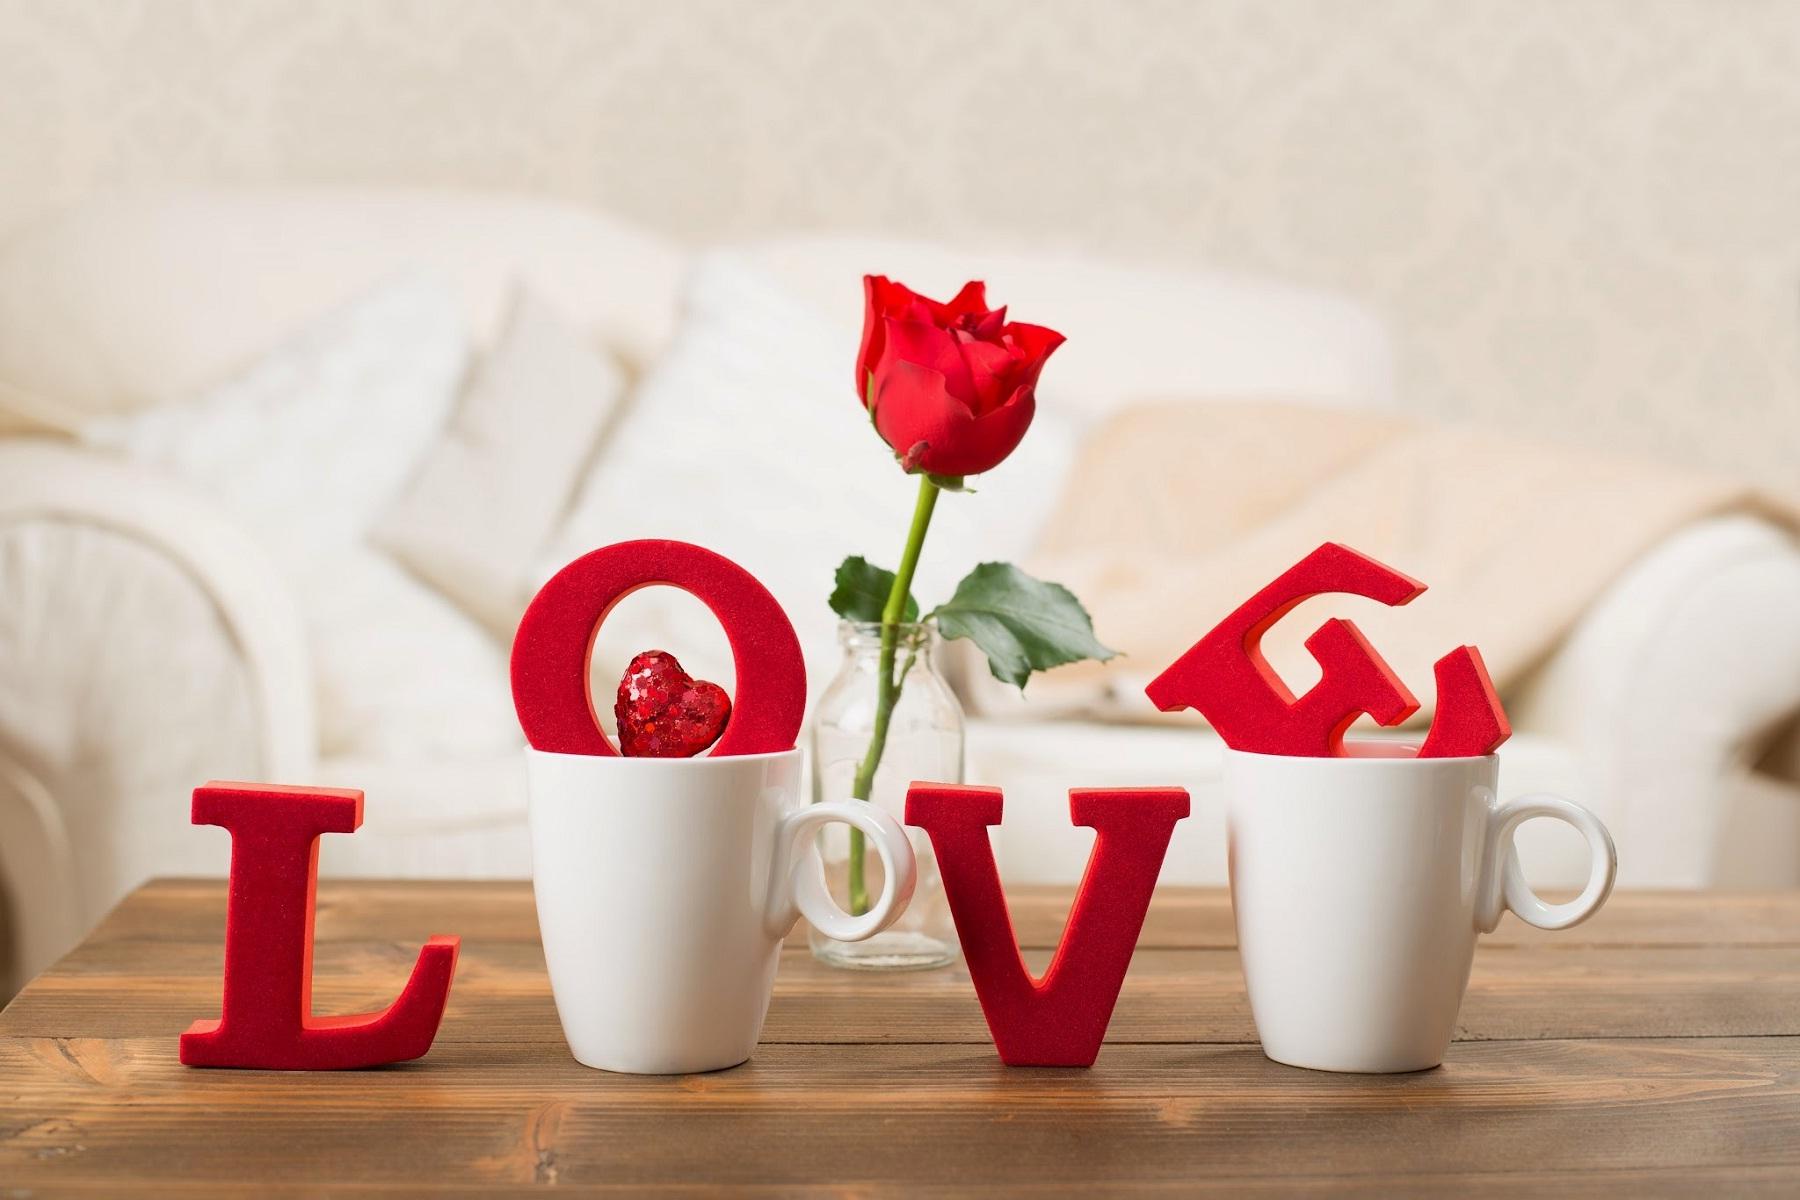 Là vợ chồng thì phải biết nhường nhịn nhau để giữ hạnh phúc